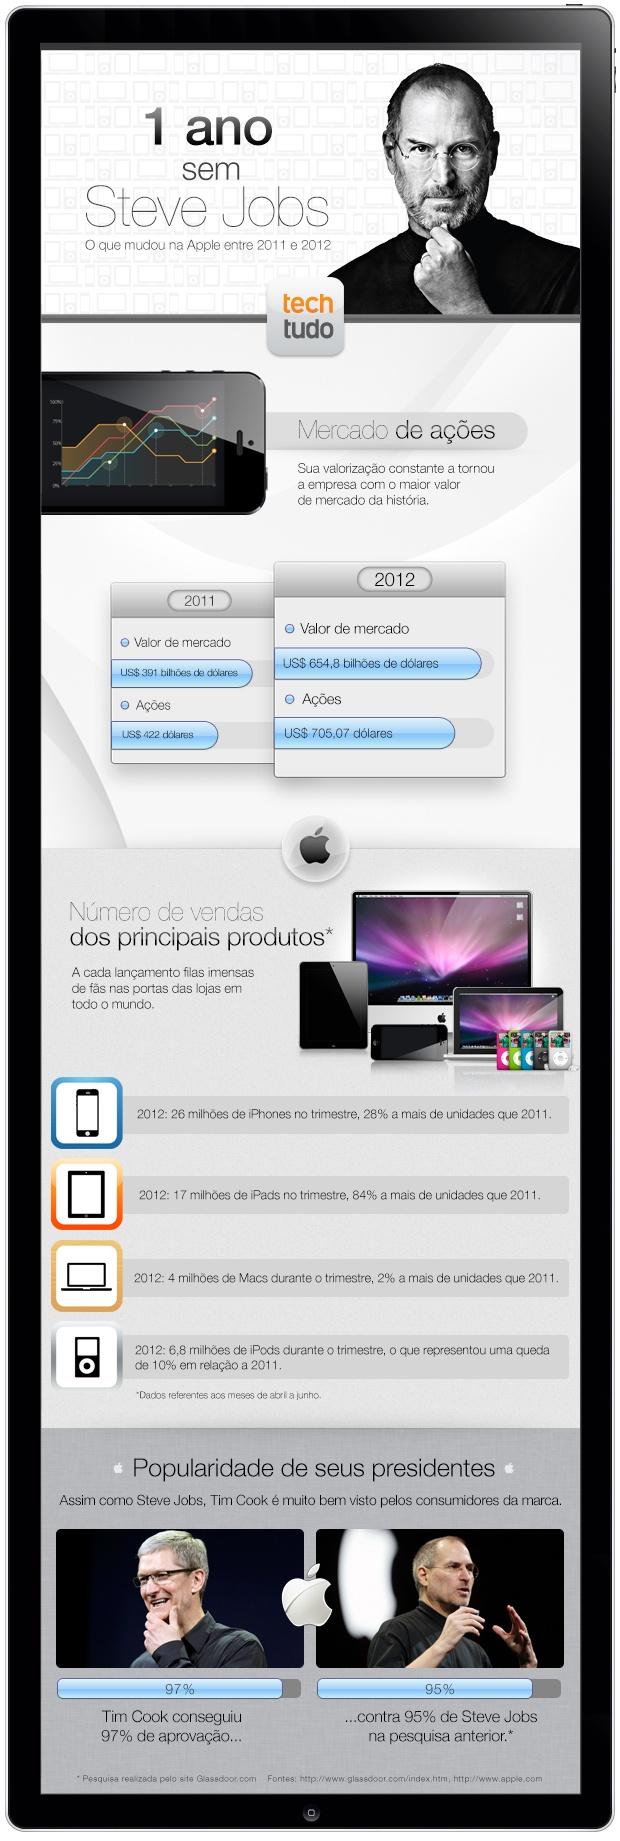 Infográfico com estatísticas e curiosidades sobre a trajetória de Steve Jobs na Apple, mostrando o antes e depois da empresa e comparando o inventor e empresário com outro grande CEO da organização: Tim Cook.